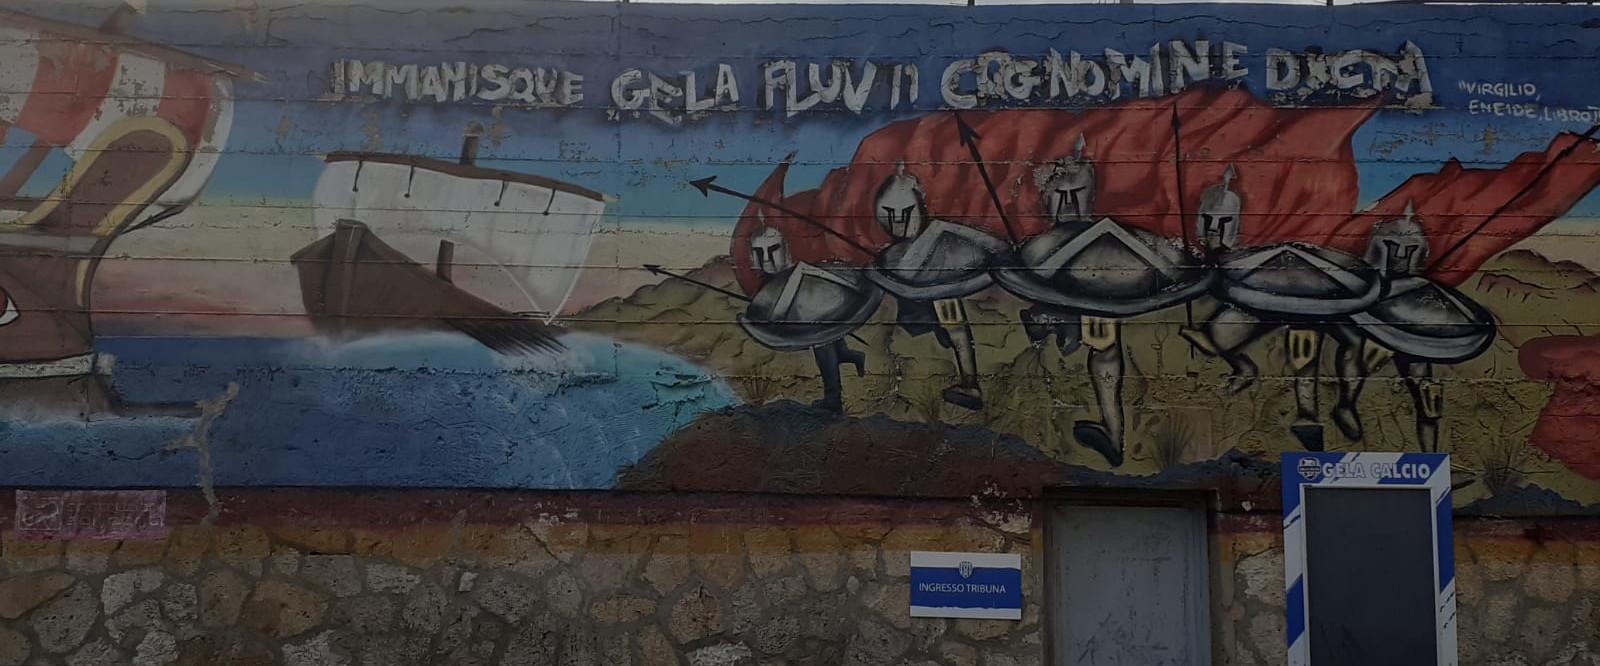 """""""Immanisque Gela fluvii cognomine dicta. Stadio Vincenzo Presti - Gela (CL)"""" by Eleonora Cacici (C)"""